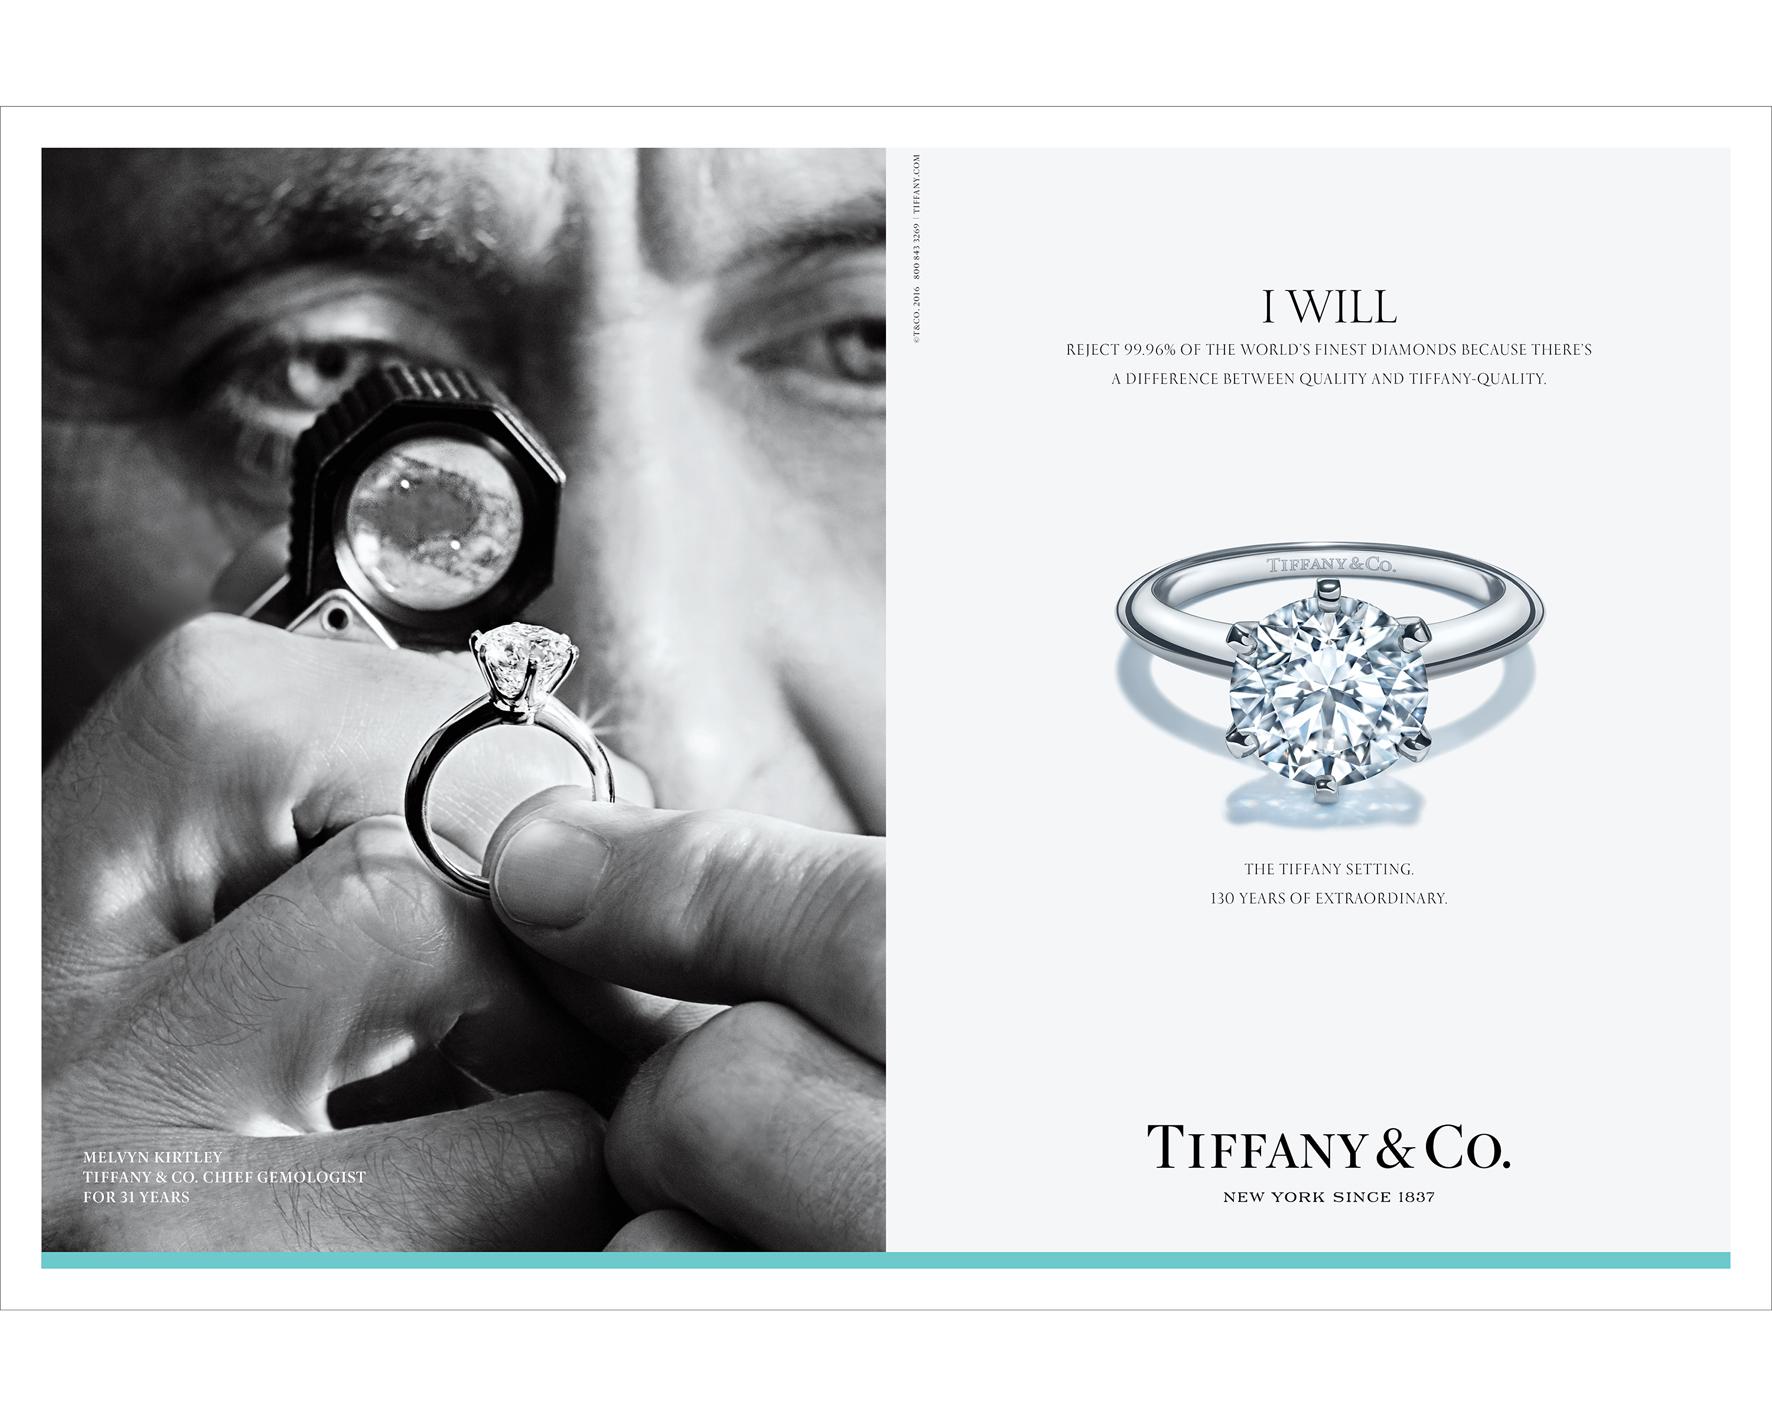 scarpe di separazione 9eeda 8669d I Will: Tiffany & Co. celebra I 130 anni dell'anello più ...